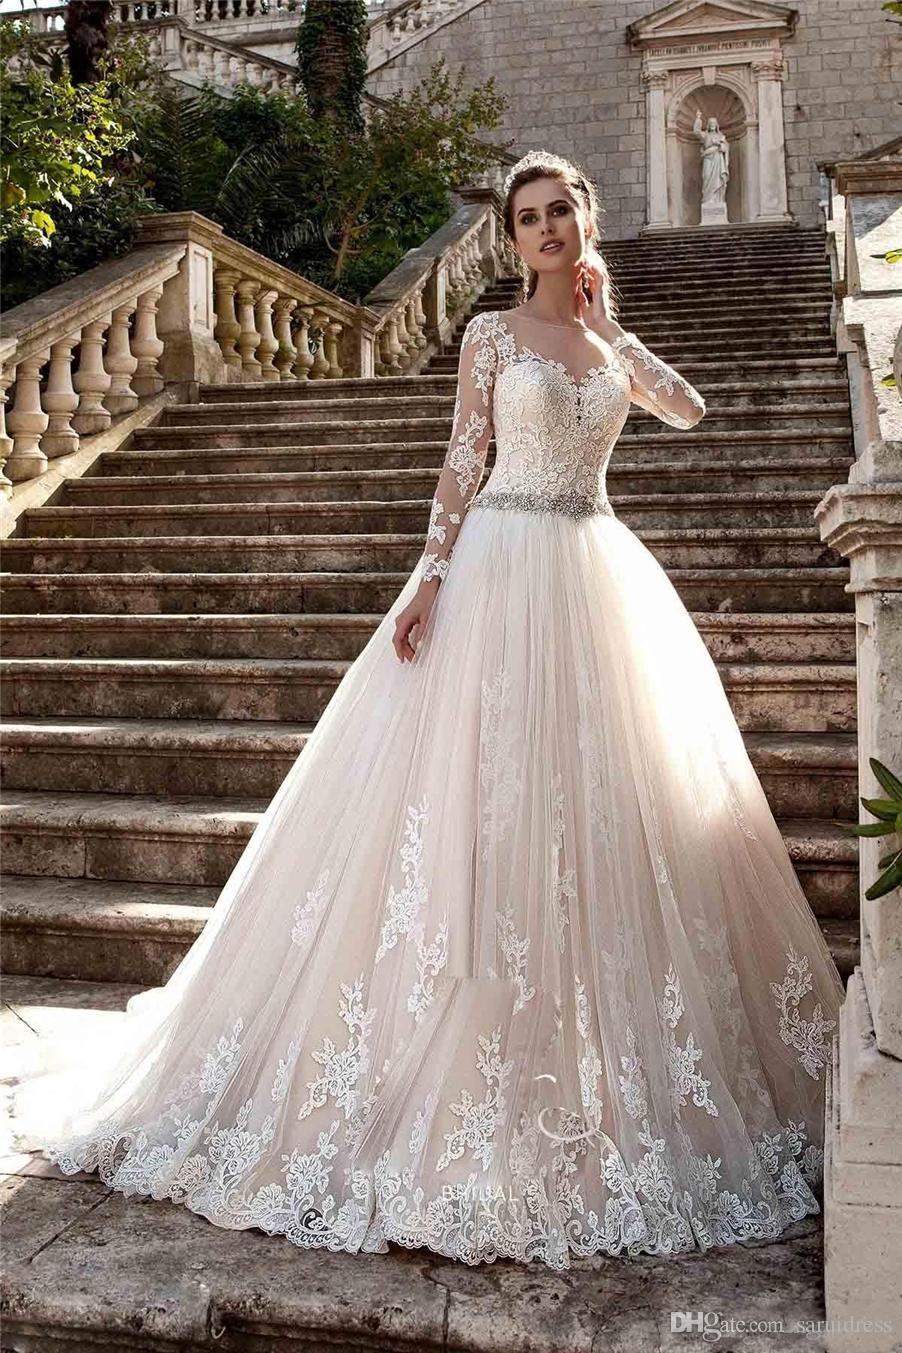 얇은 크루 넥 섹시한 보는 길을 통해 긴 소매 웨딩 드레스 vestios de novia bridal gown vestios de novia bridal gown